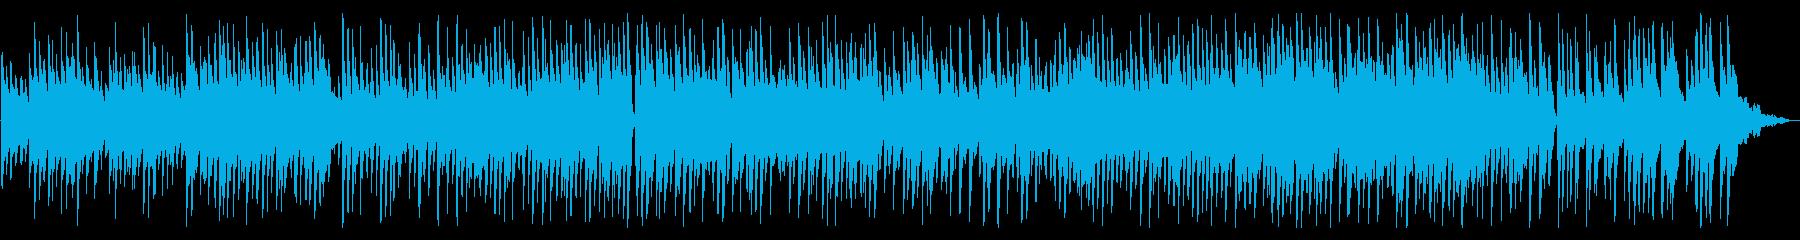 コミカルで明るい 元気なピアノソロの再生済みの波形